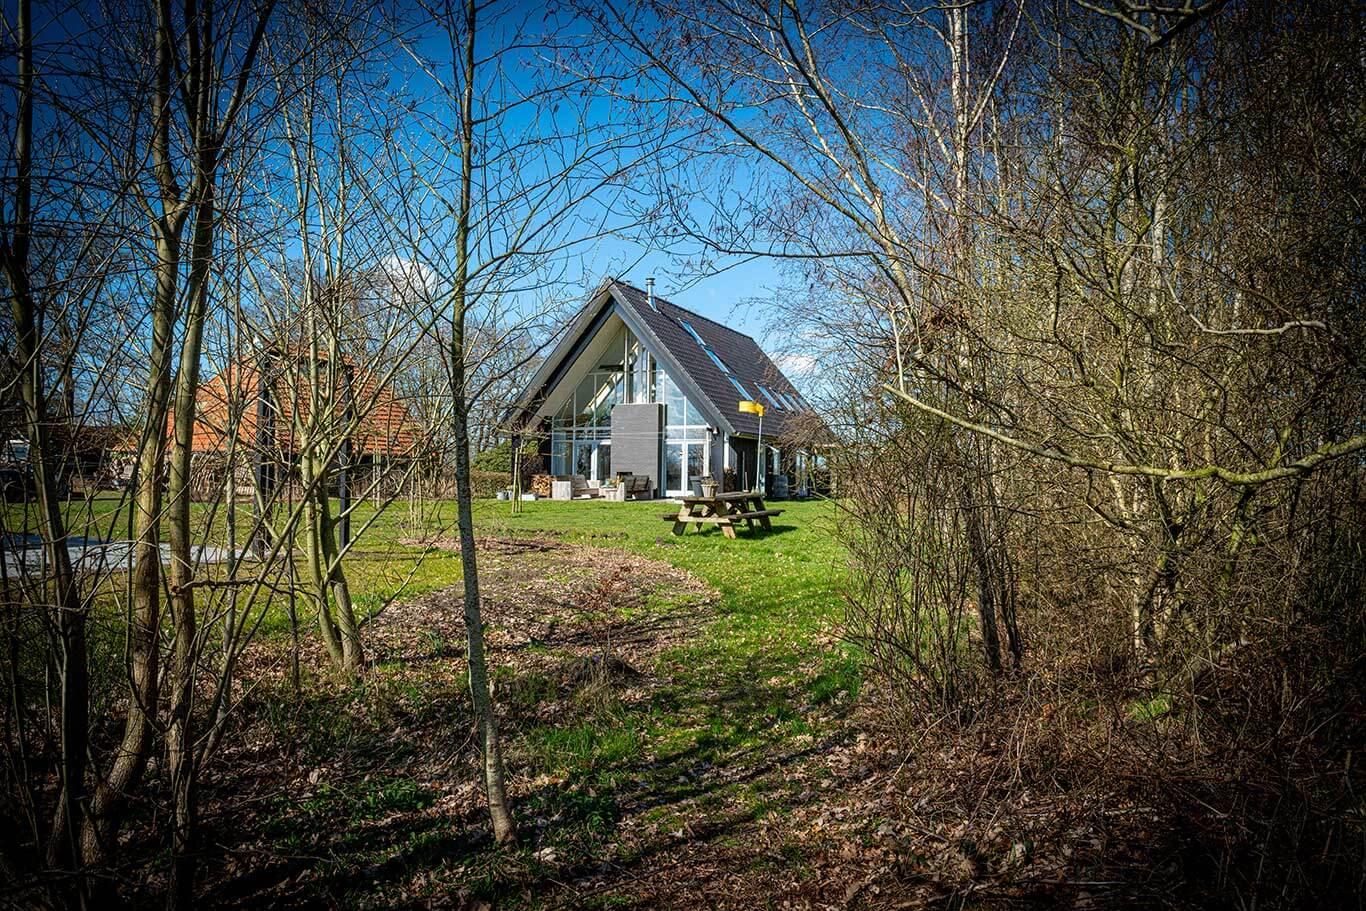 hesselmann-oldeberkoop-woonhuis-exterieur-8.jpg